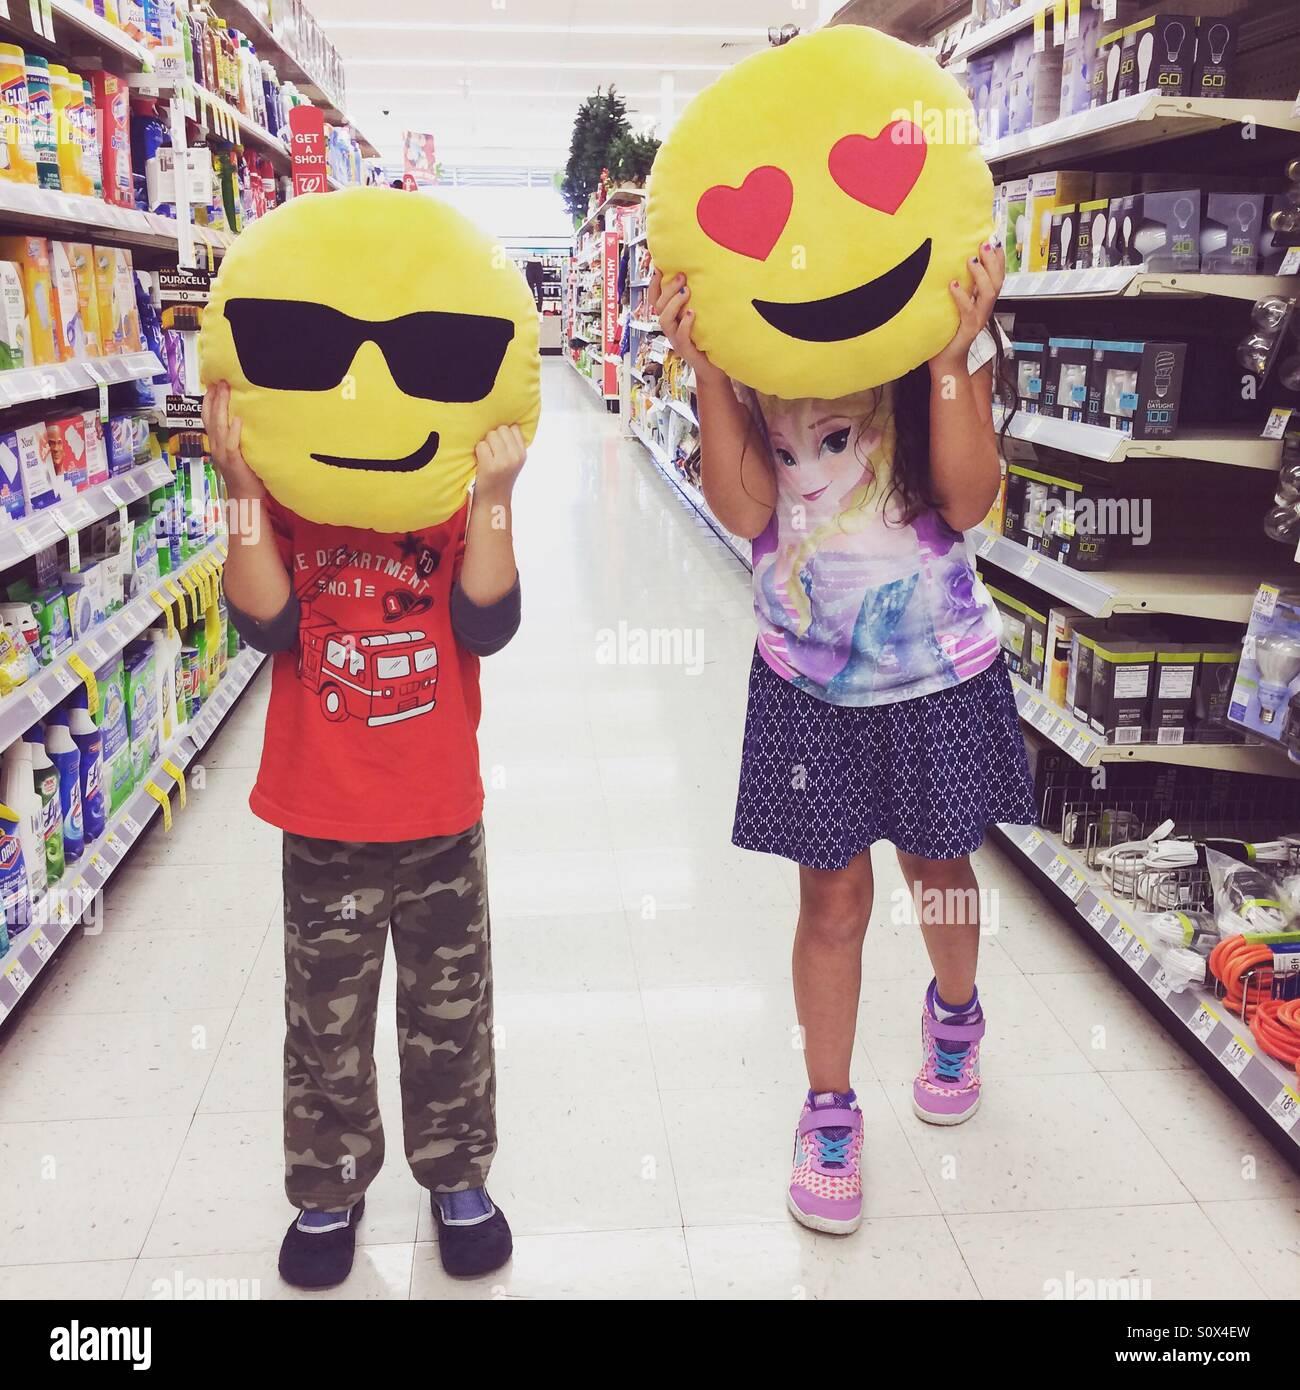 Emoji heads - Stock Image